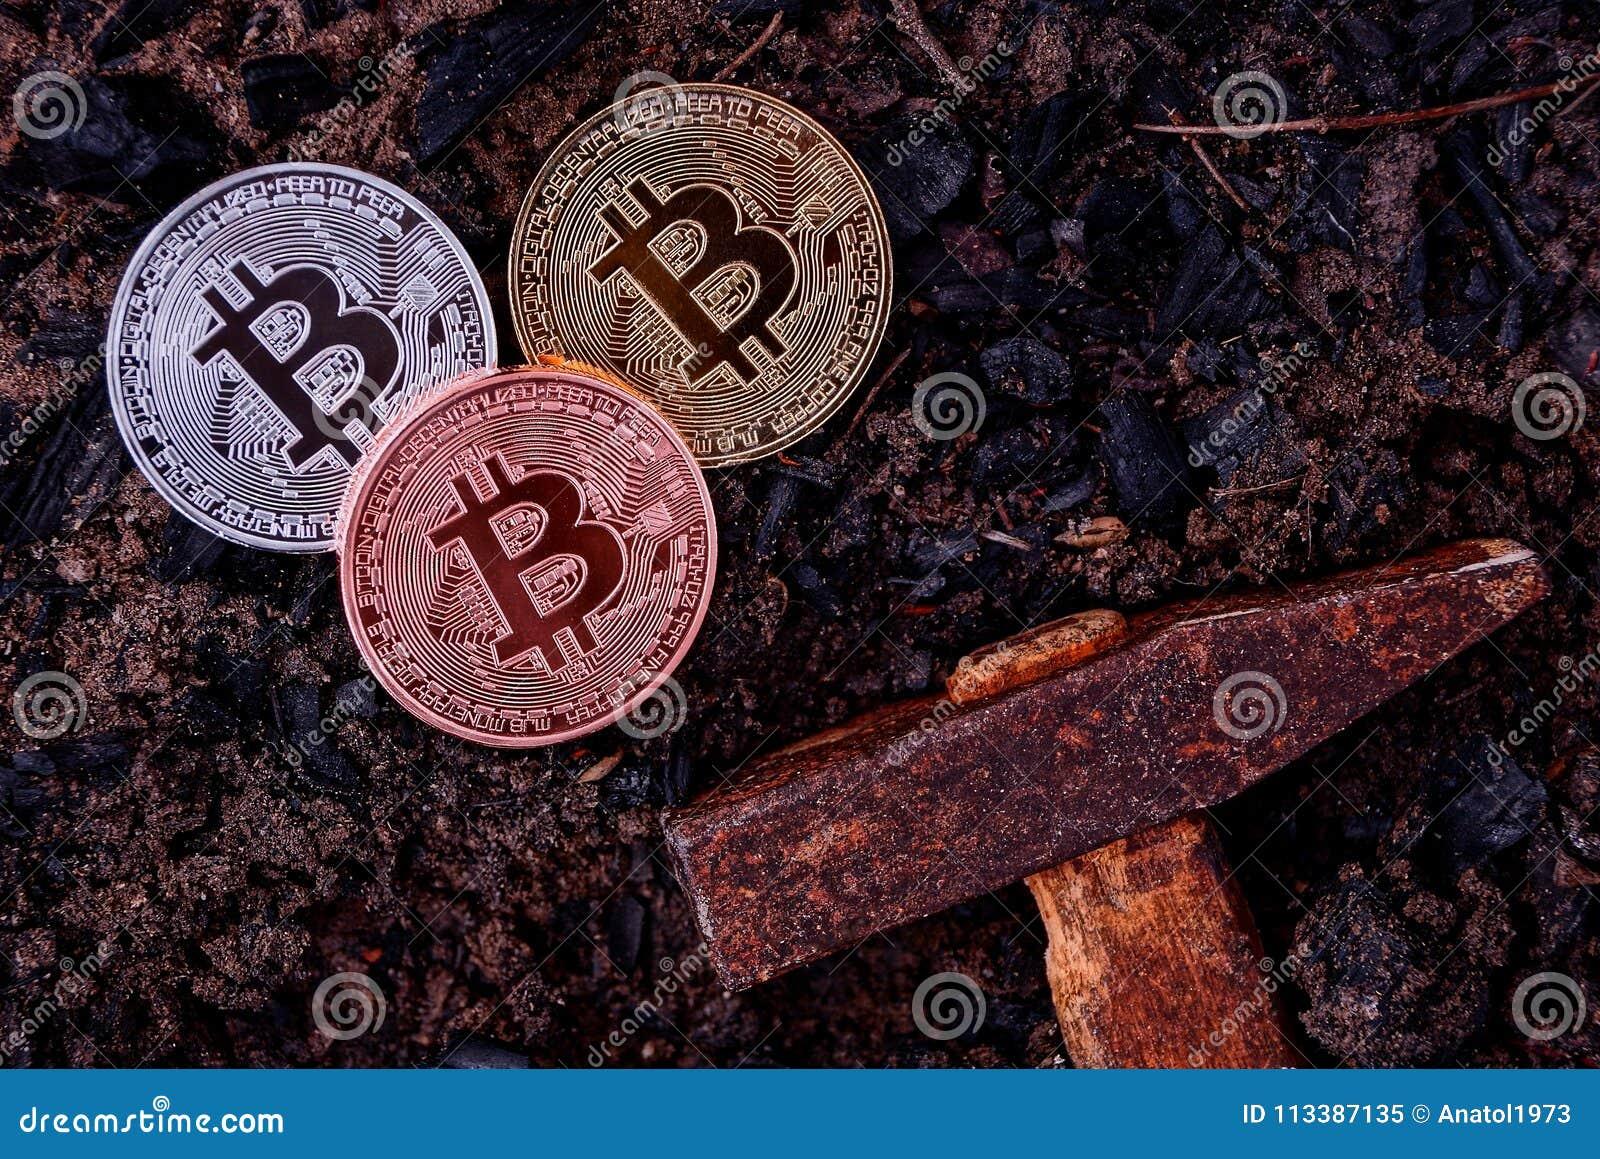 Três moedas do bitcoin na terra preta e em um martelo